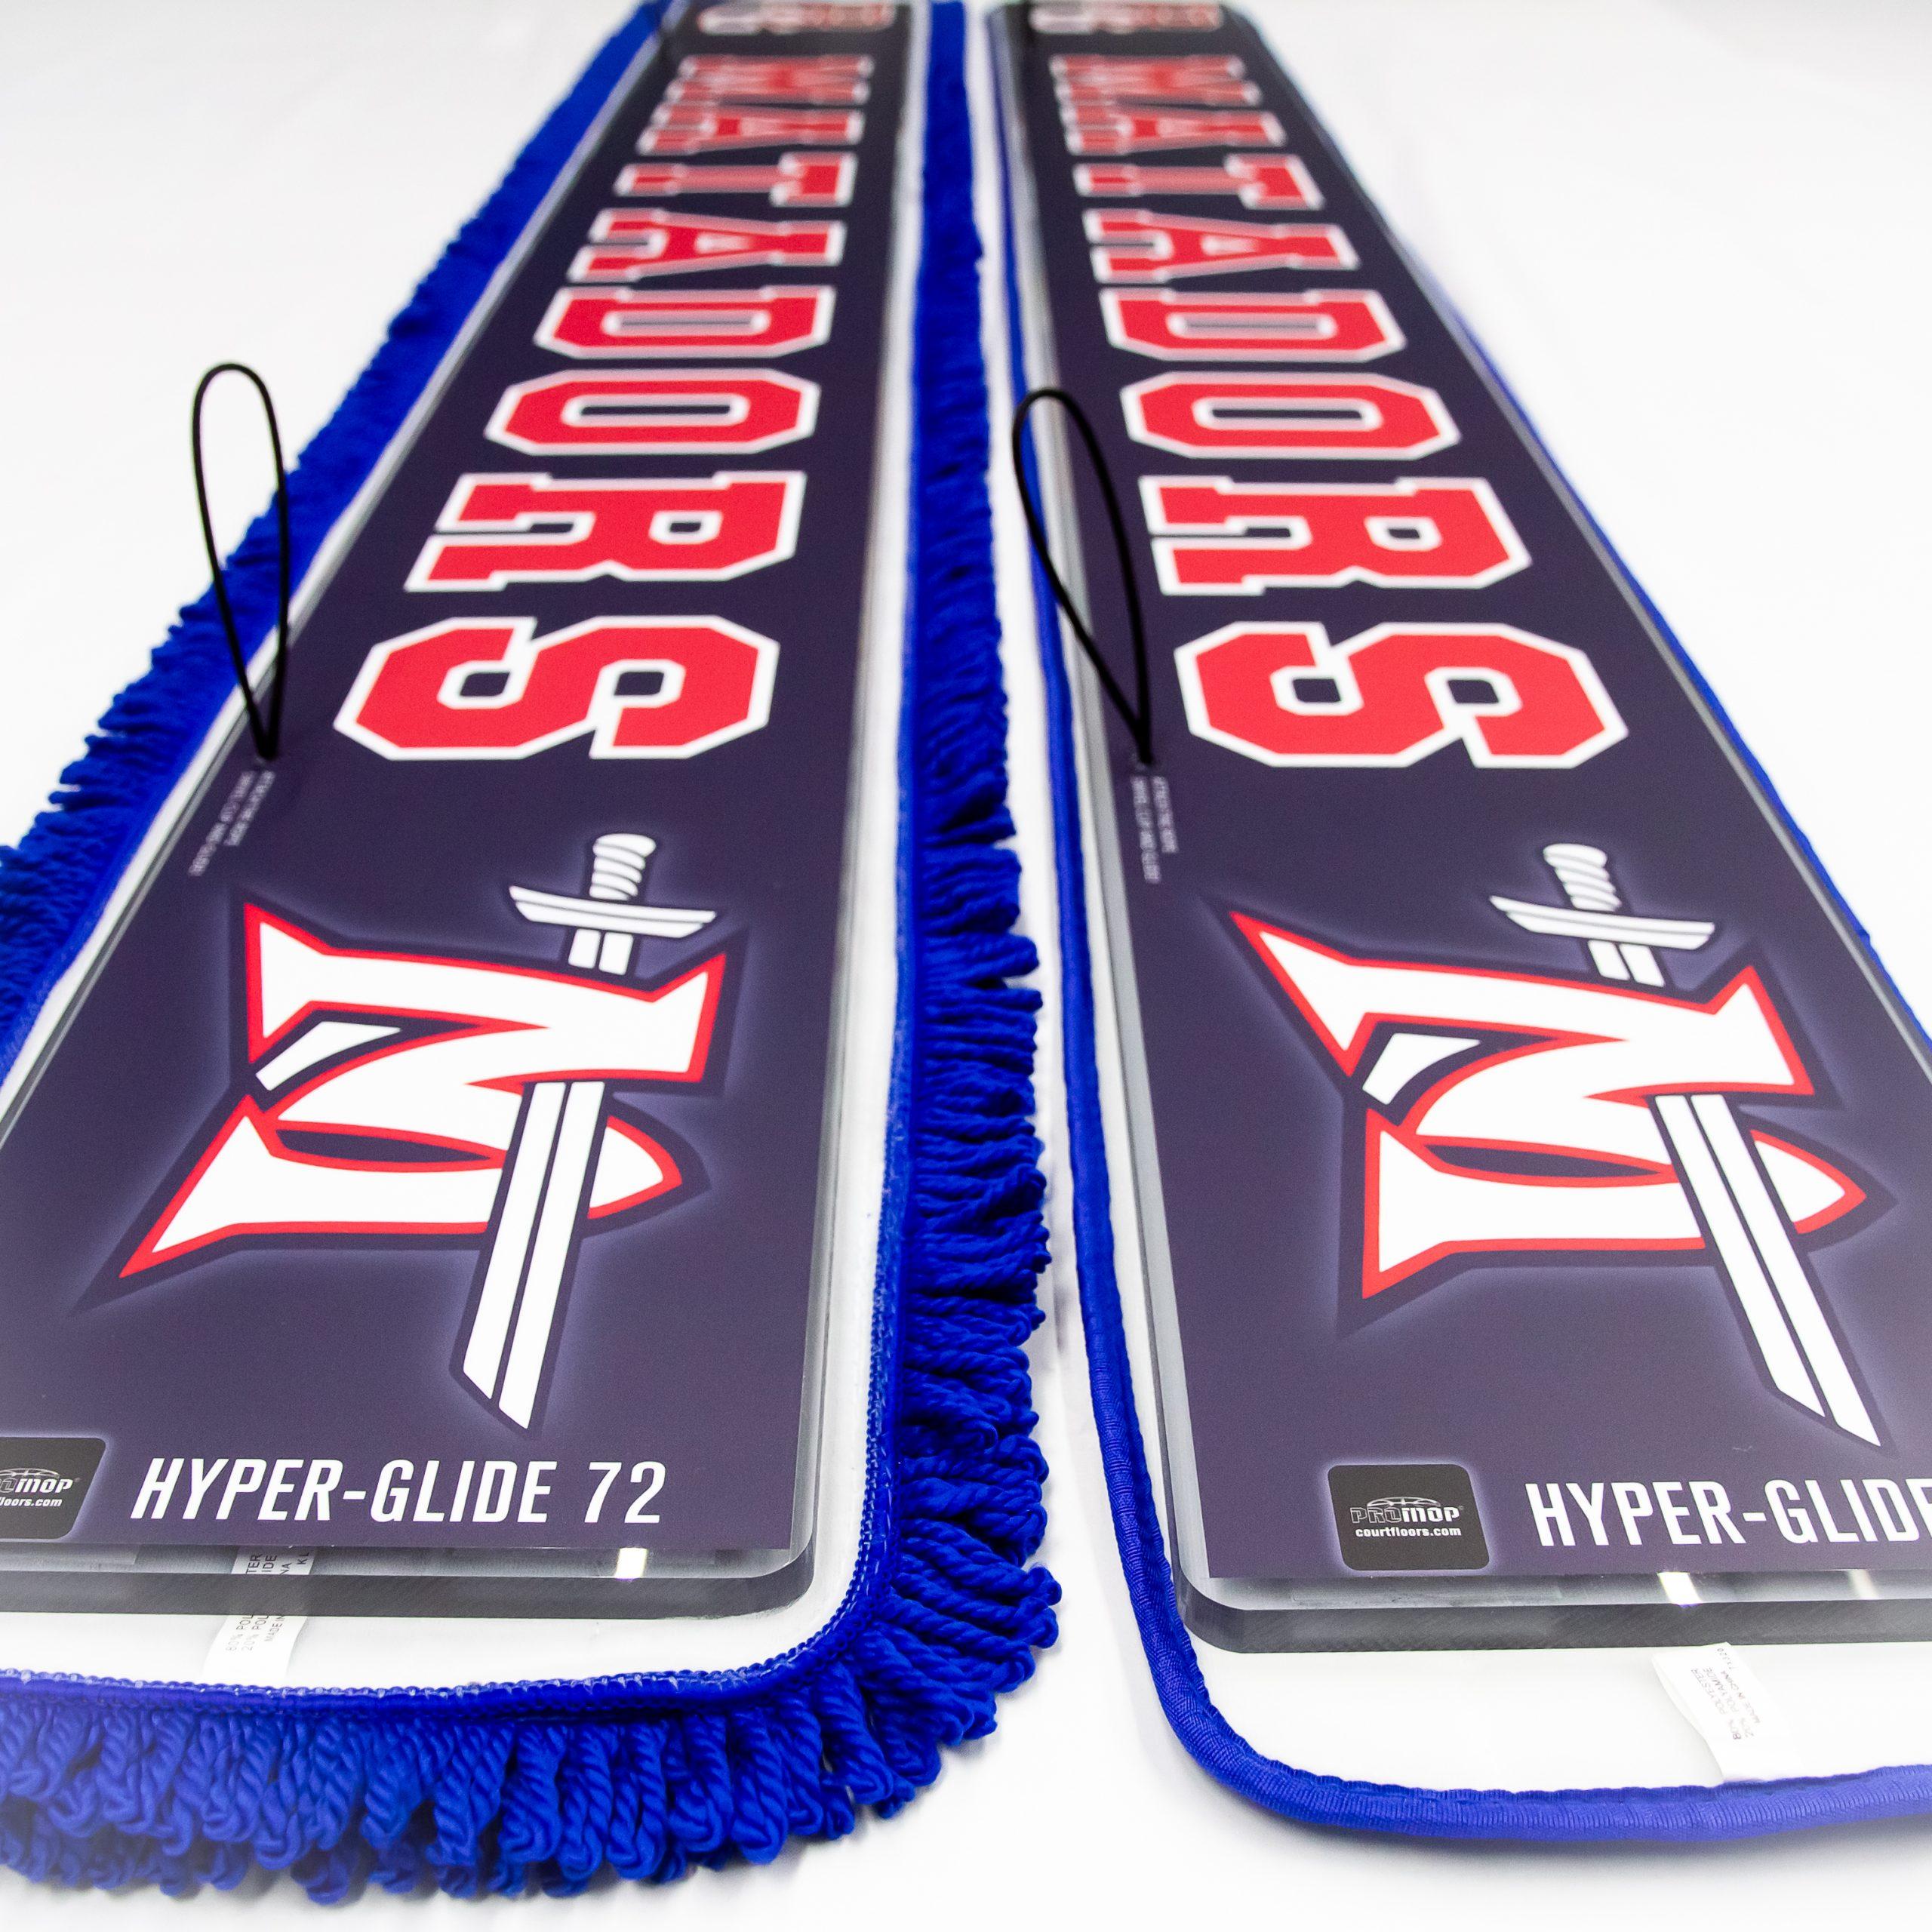 promop-hyper-glide-72